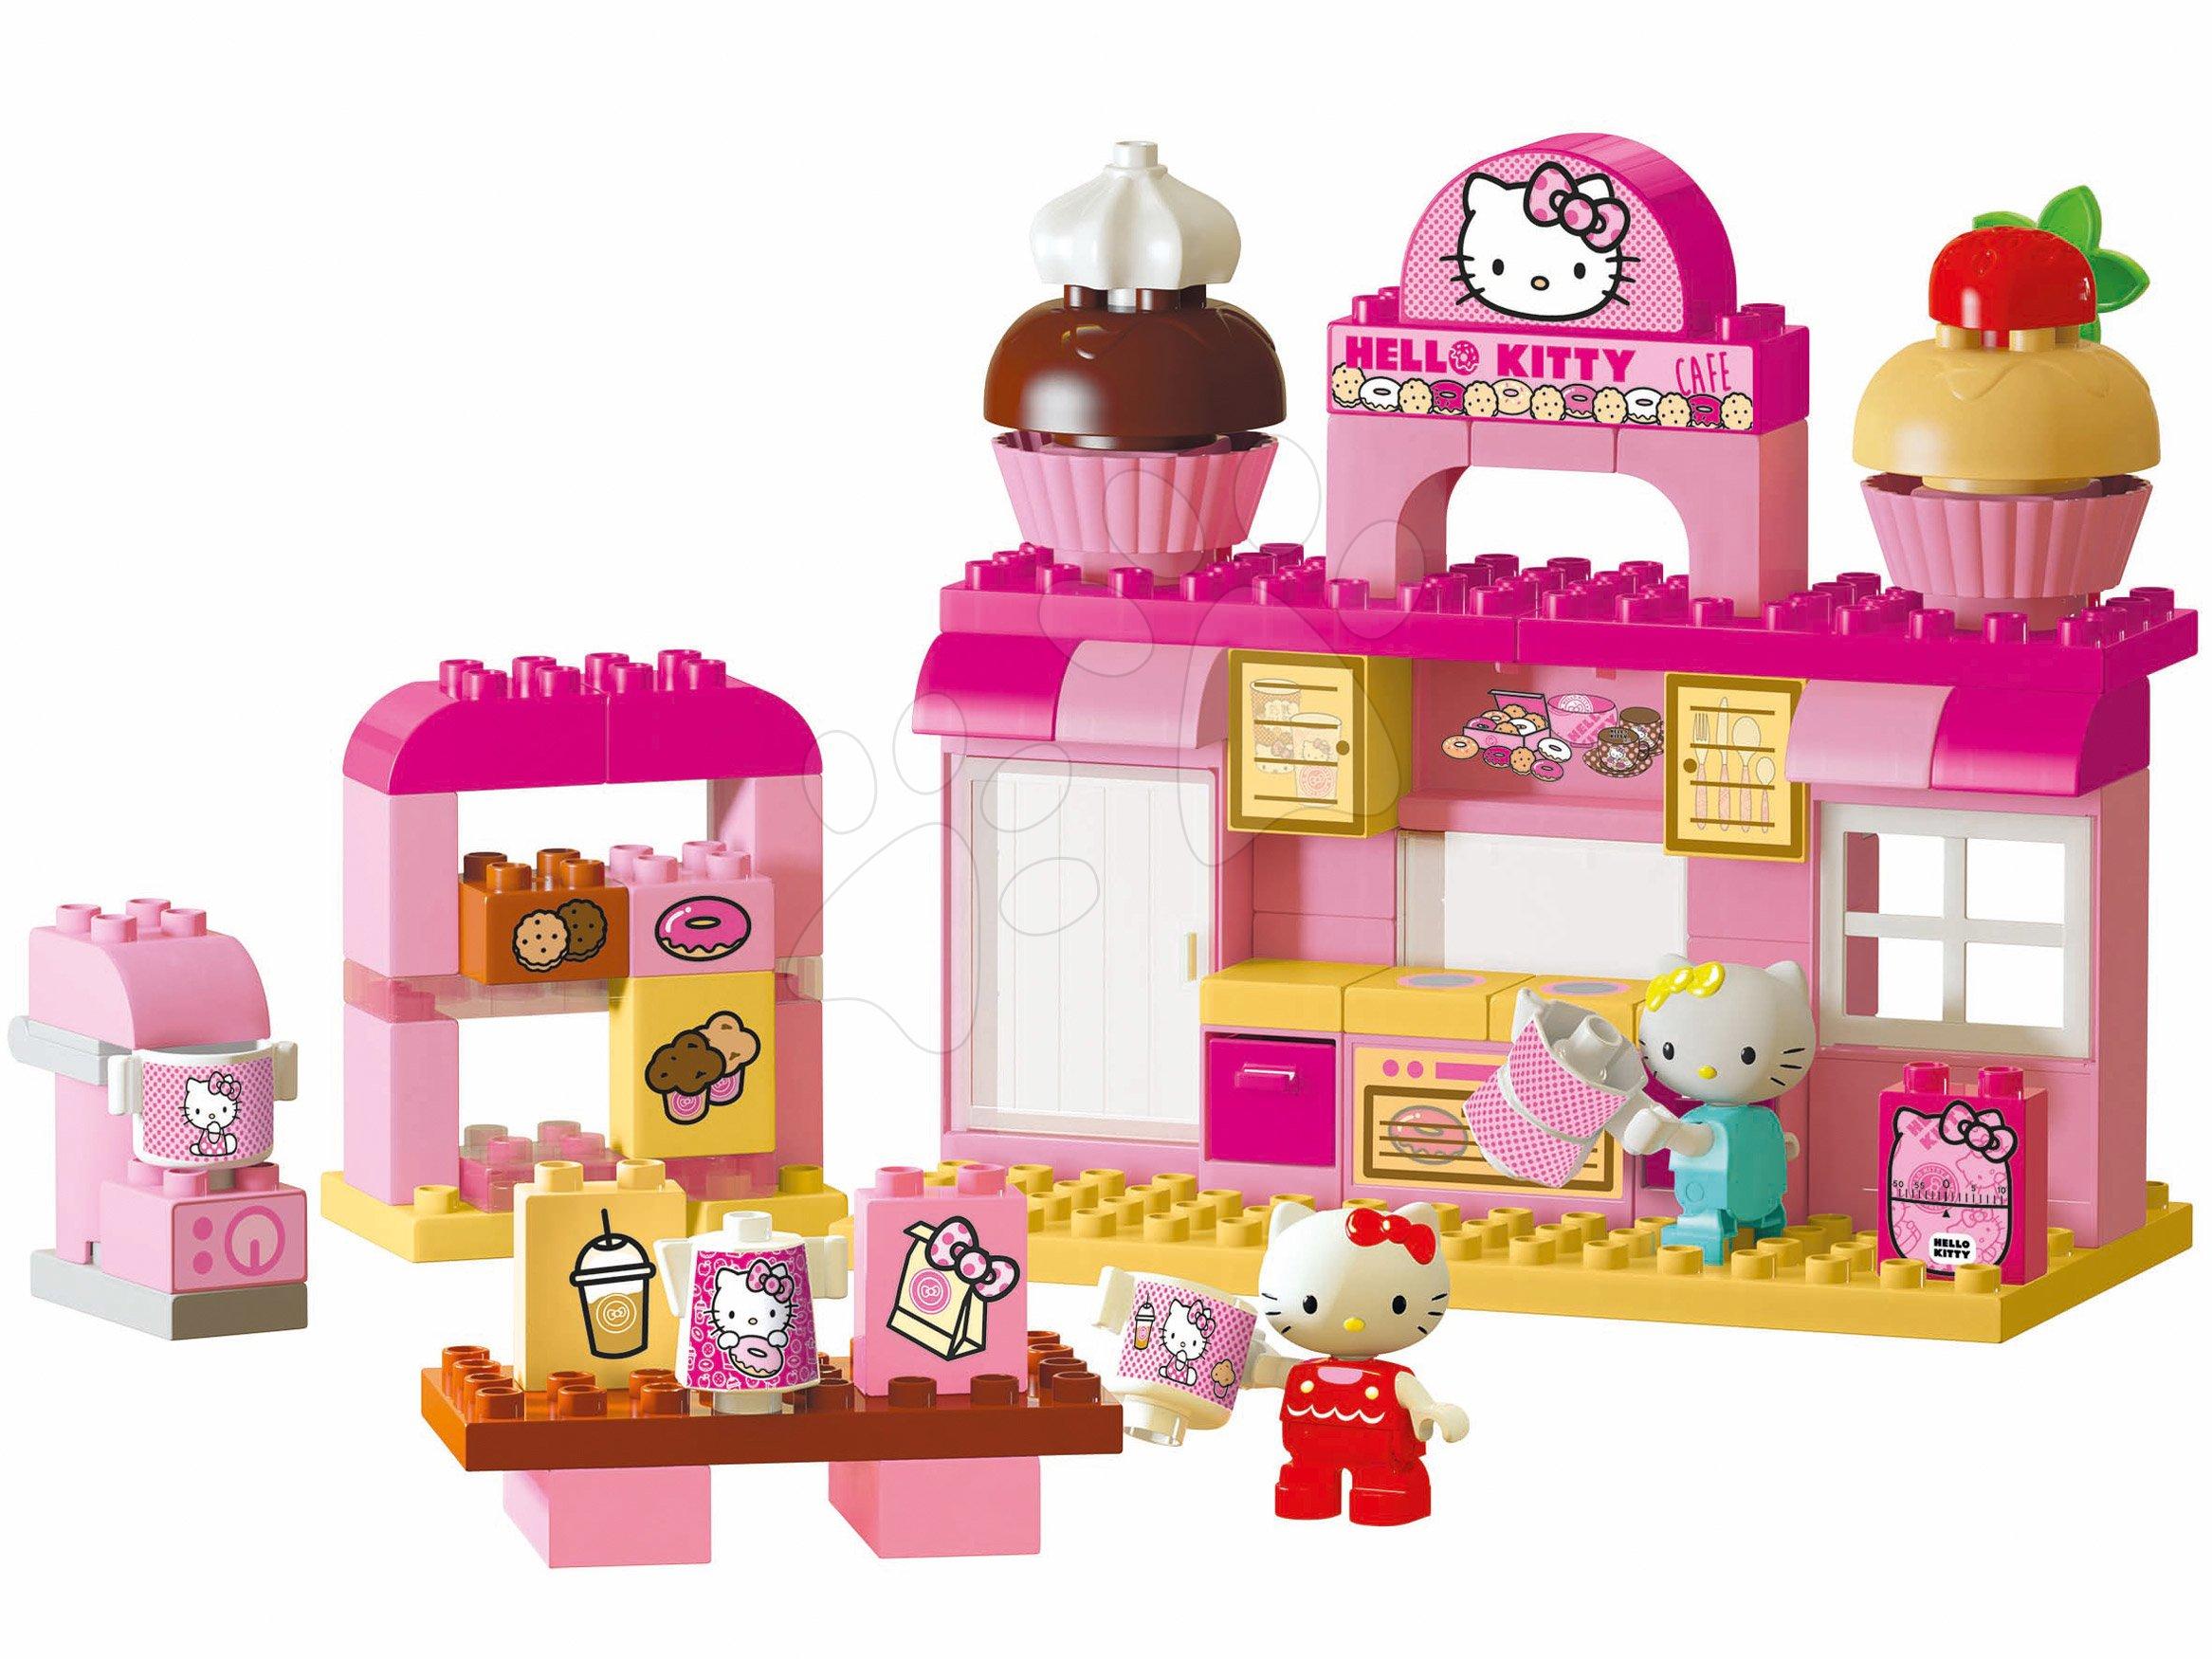 Stavebnice PlayBIG Bloxx Backerei BIG Hello Kitty v pekárně s kamarádkou 82 dílů a 2 figurky od 18 měsíců